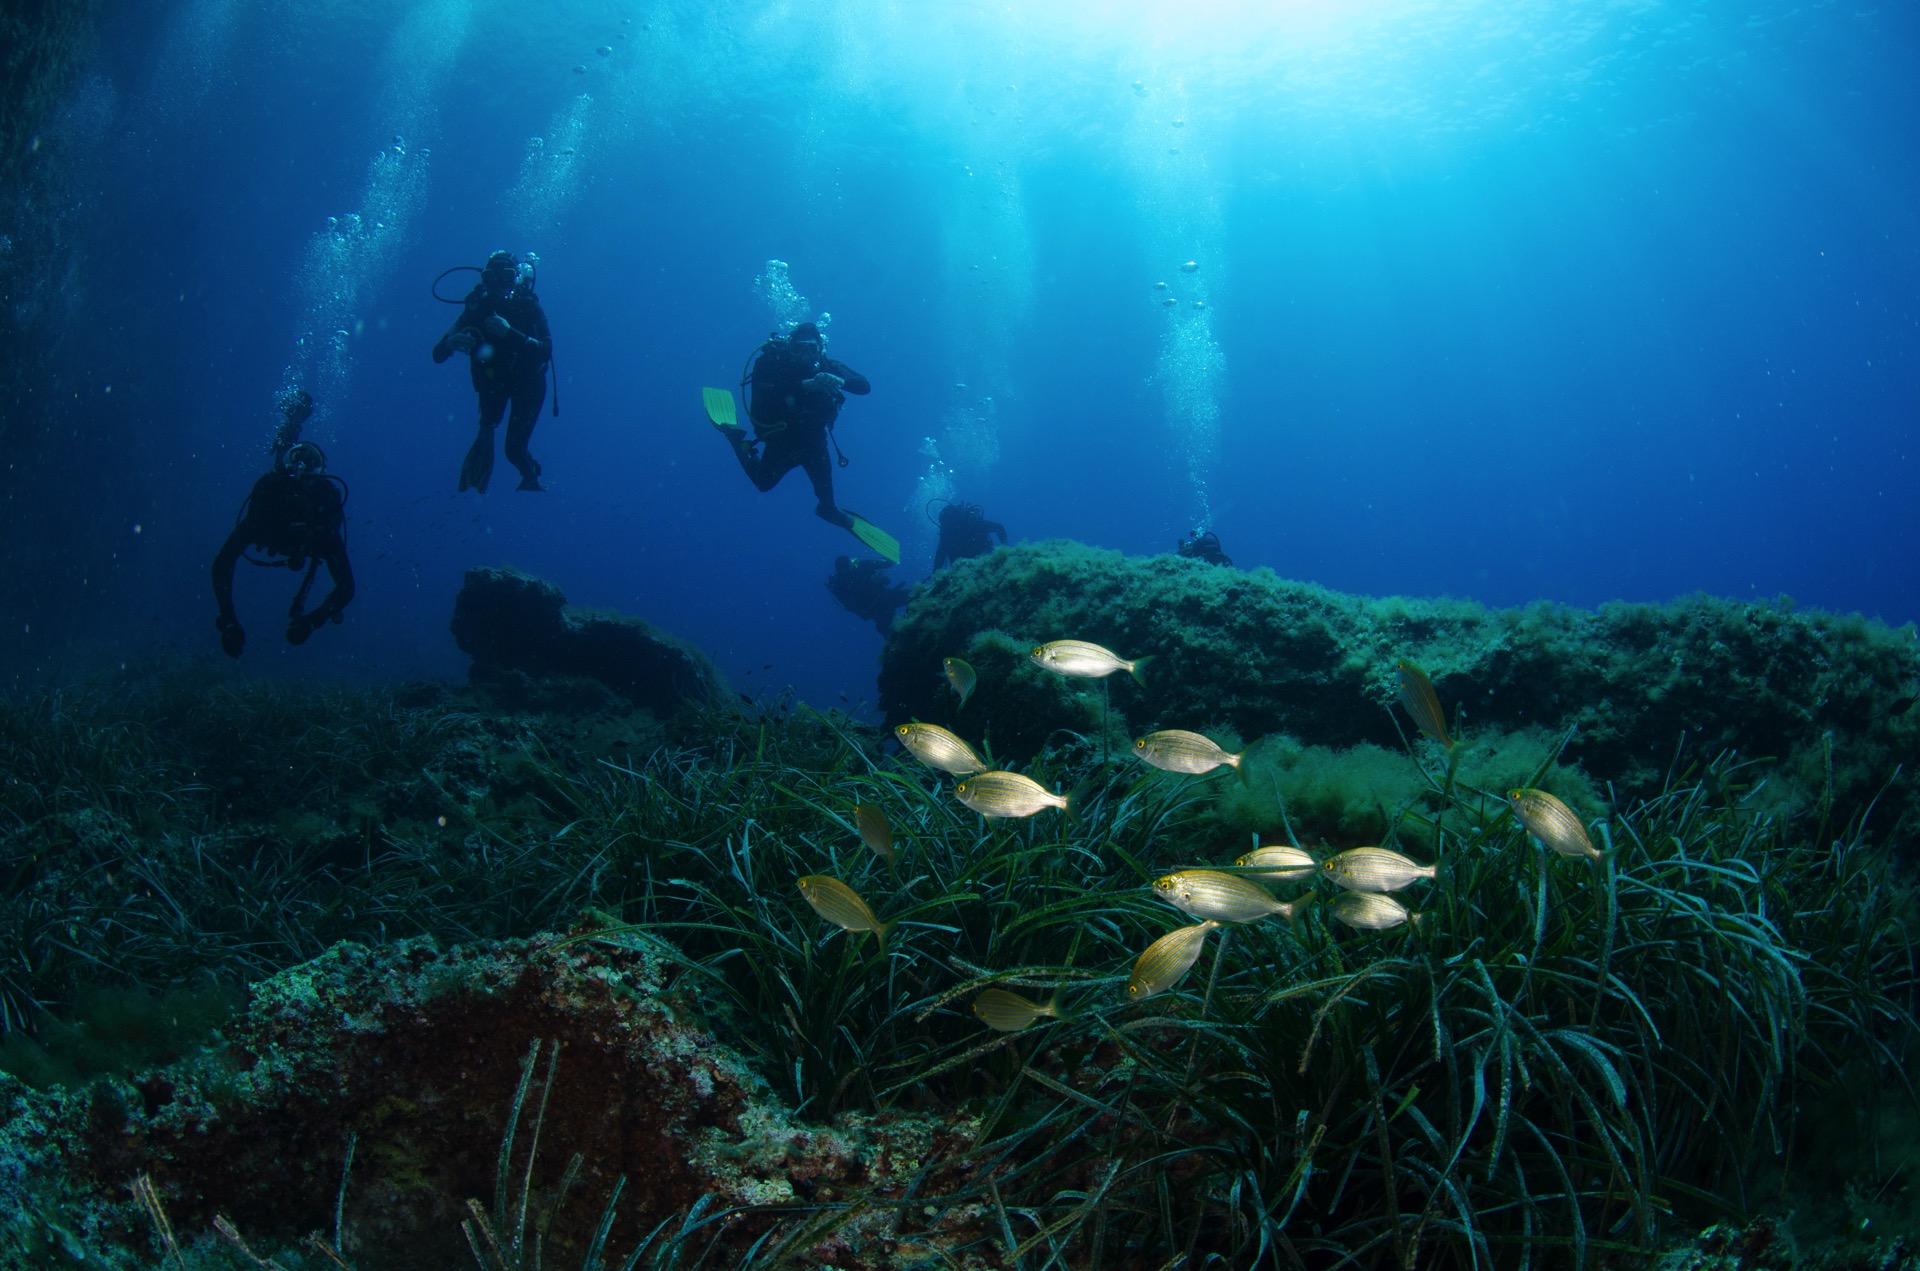 immagine immersione subacquea a Tavolara - foto di Adolfo Maciocco - Leila  Diving Center